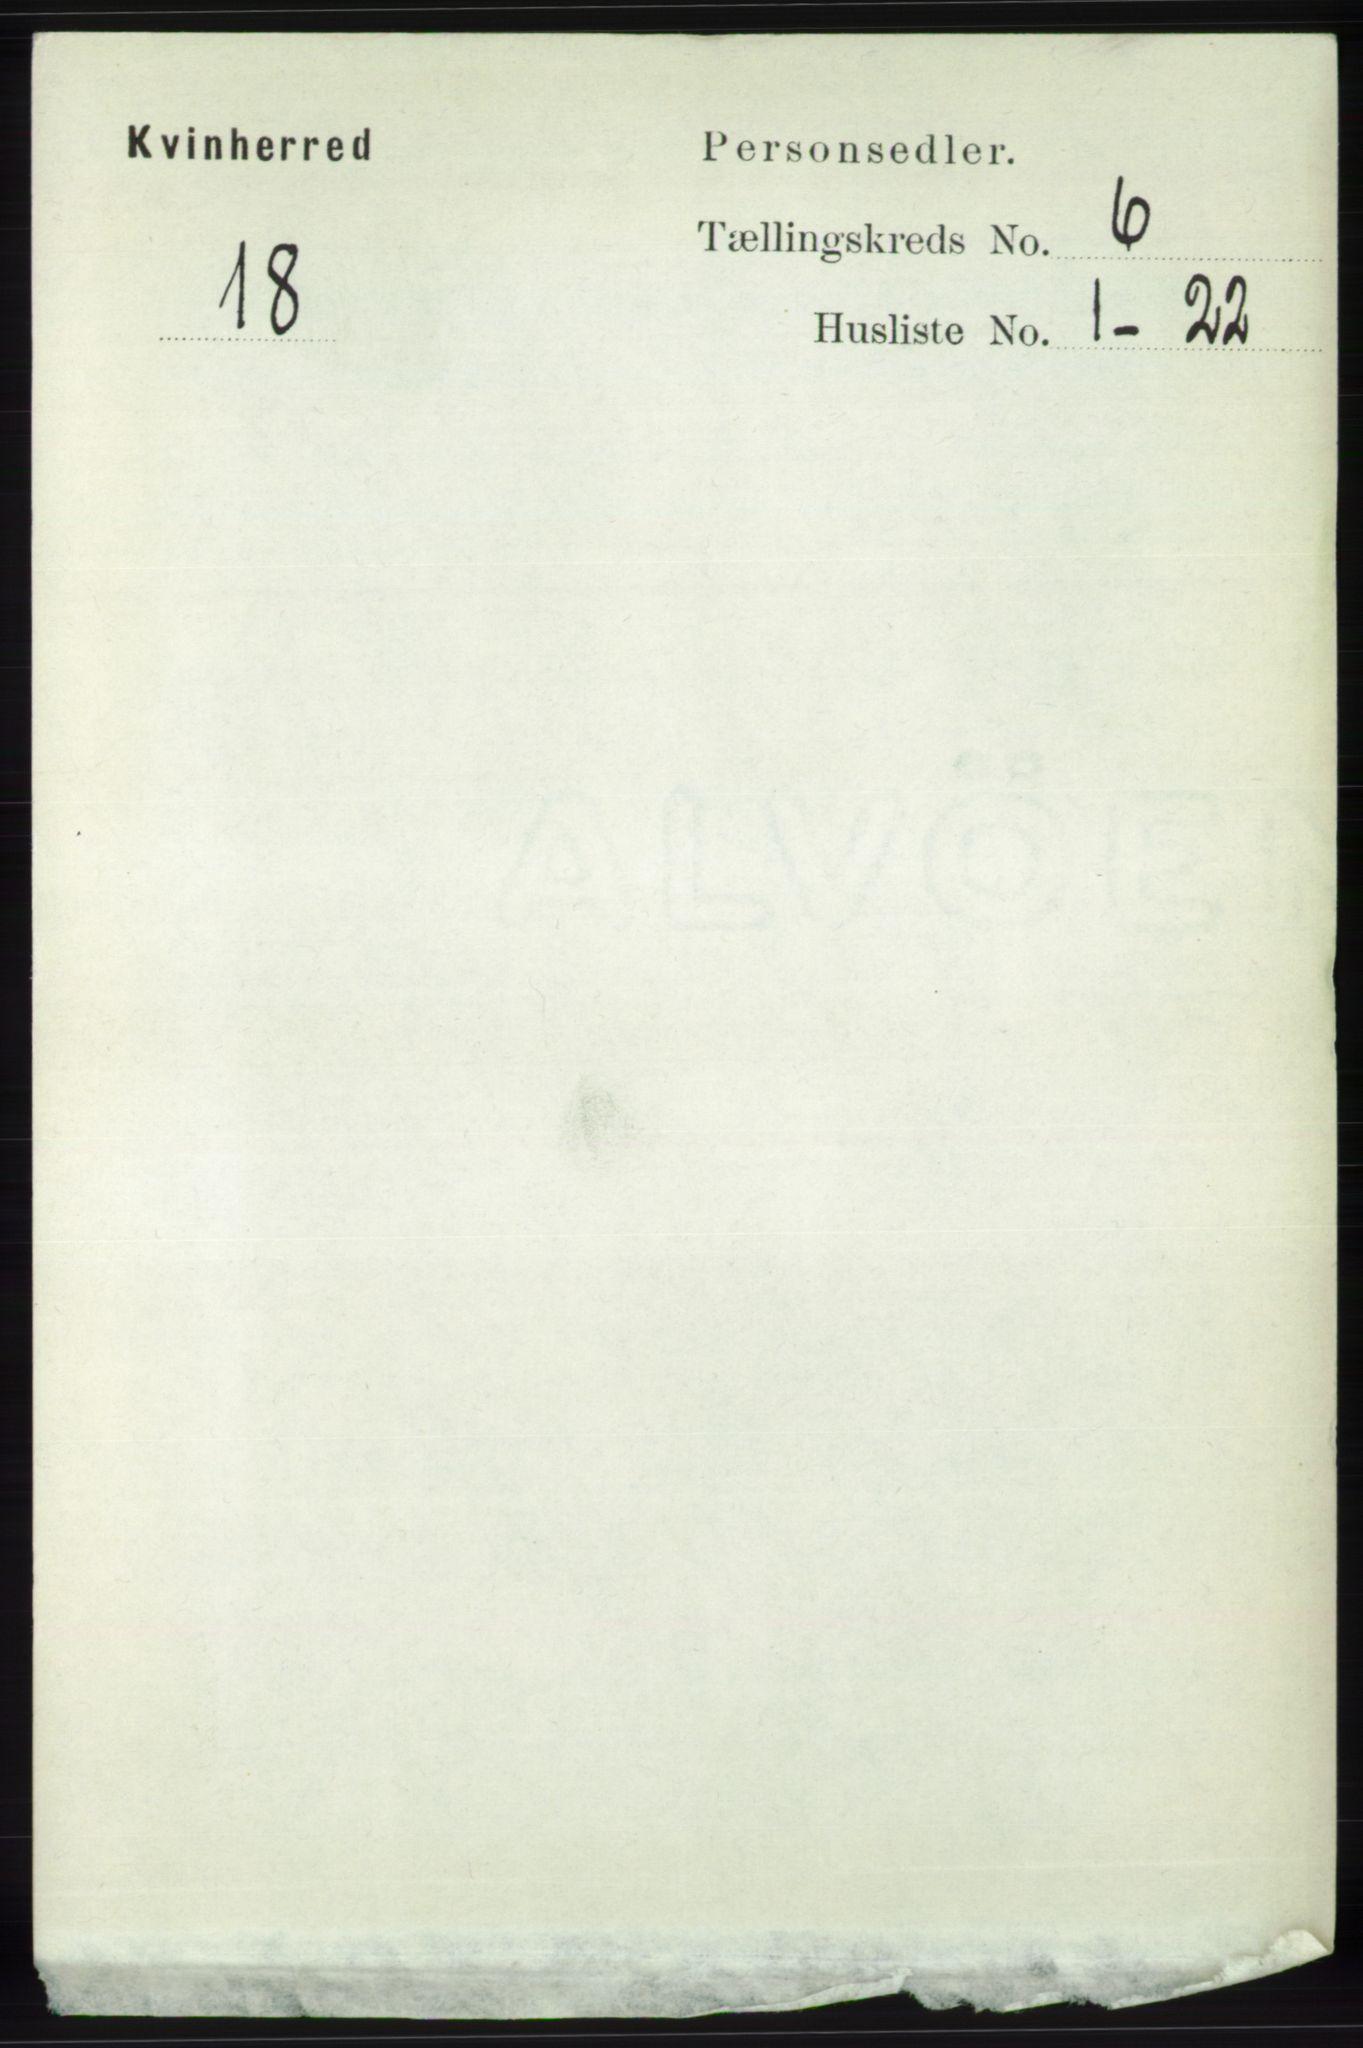 RA, Folketelling 1891 for 1224 Kvinnherad herred, 1891, s. 2120